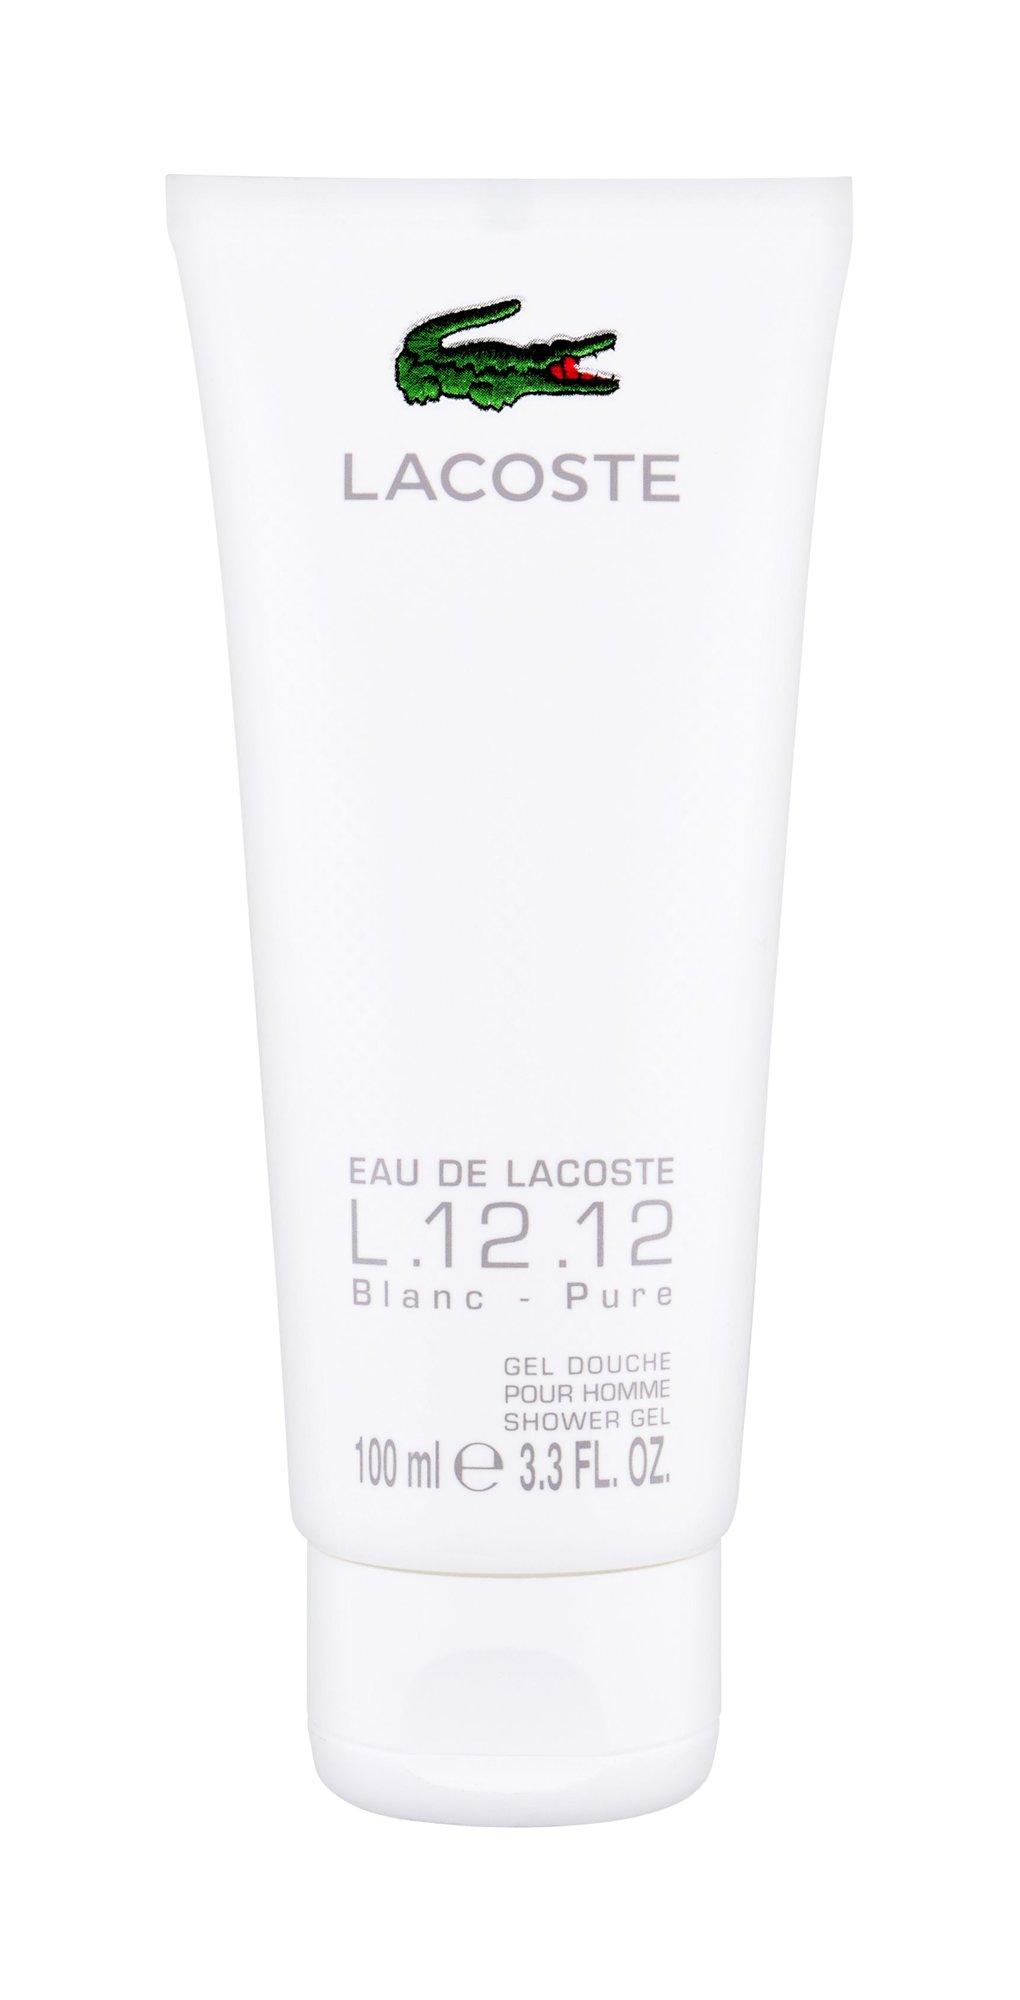 Higienos priemonė Lacoste Eau De Lacoste L.12.12 Blanc